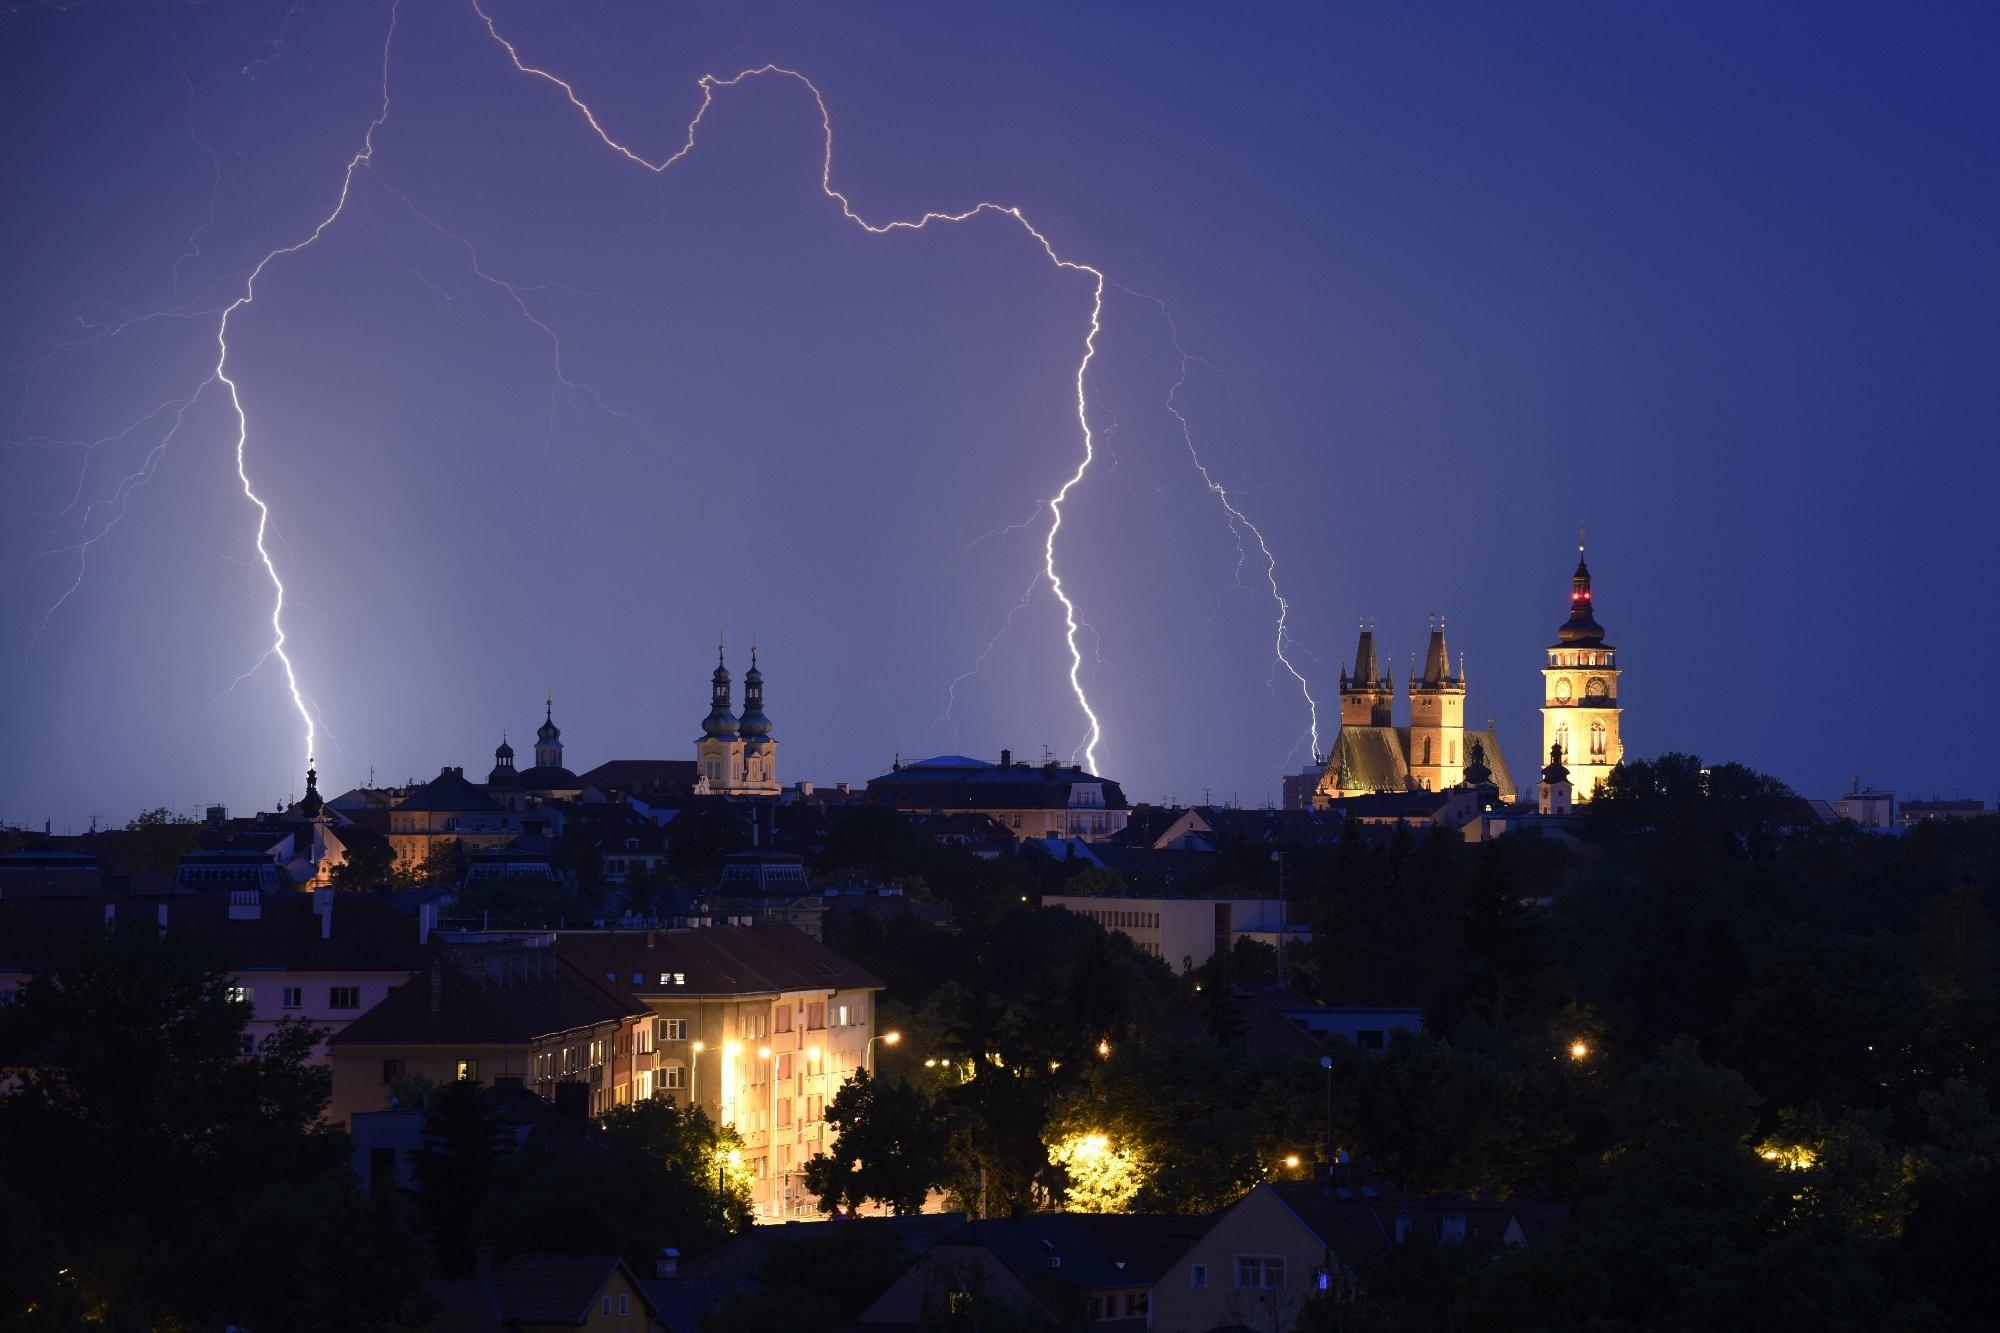 Blížící se bouřka k Hradci Králové